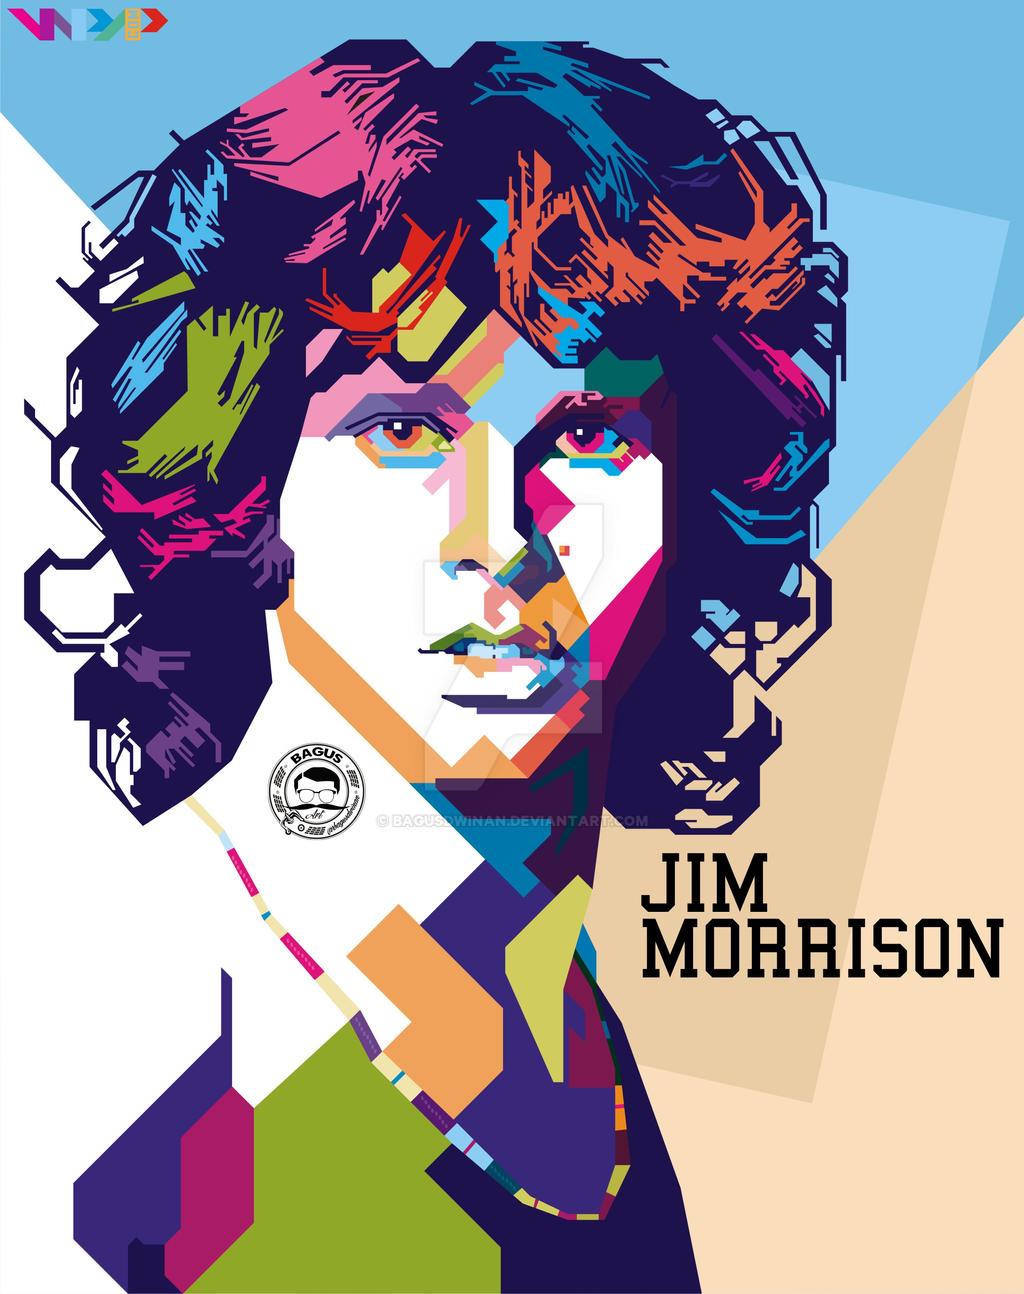 Jim Morrison By Bagusdwinan